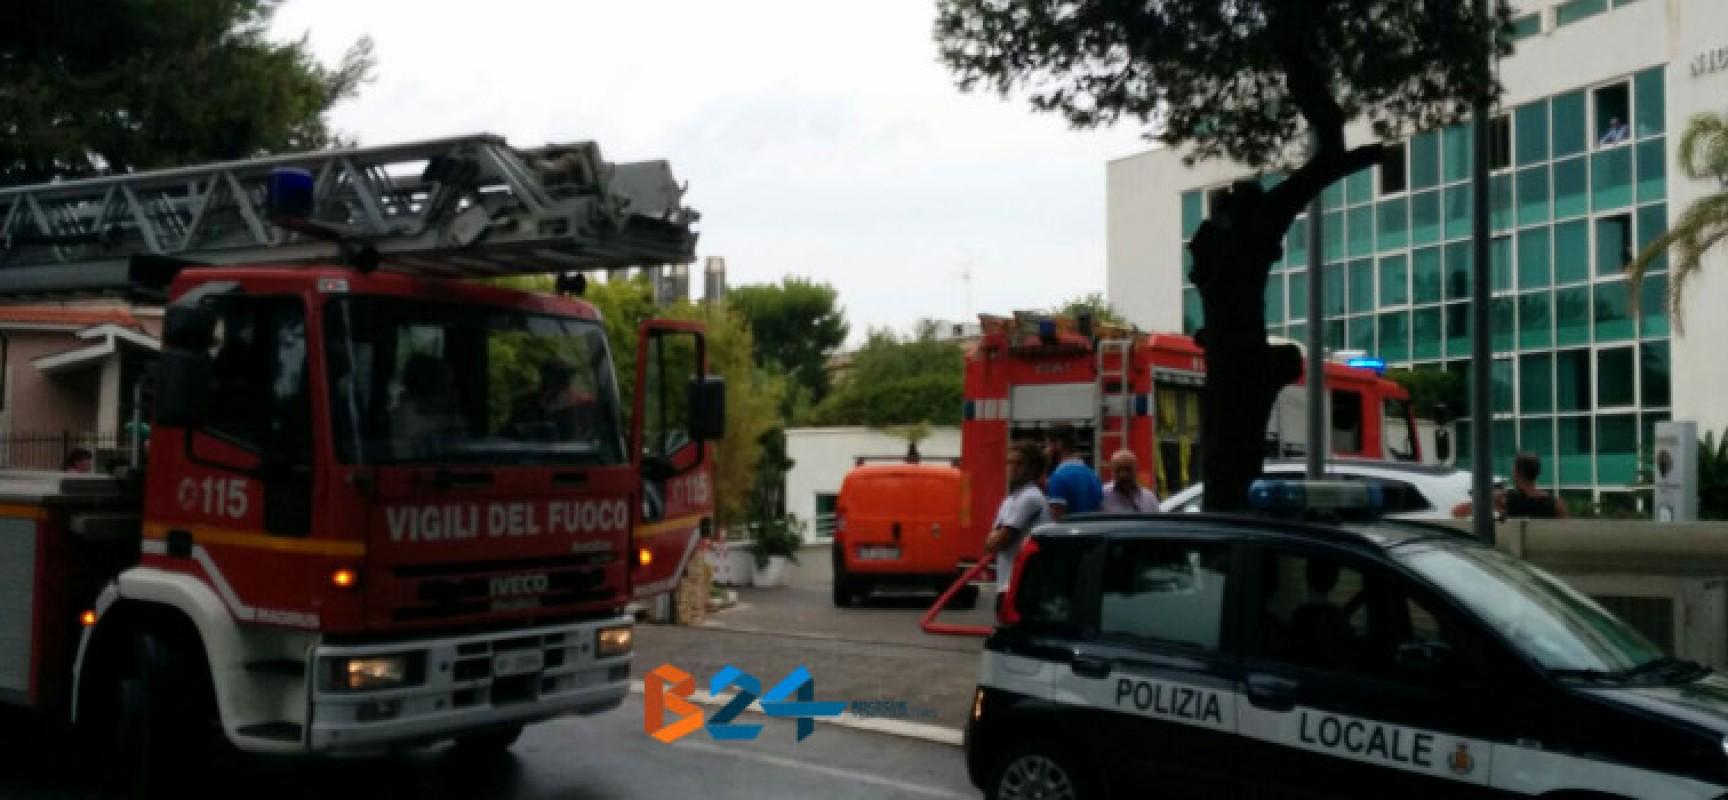 Principio di incendio prontamente domato presso l'hotel Nicotel in via Della Libertà